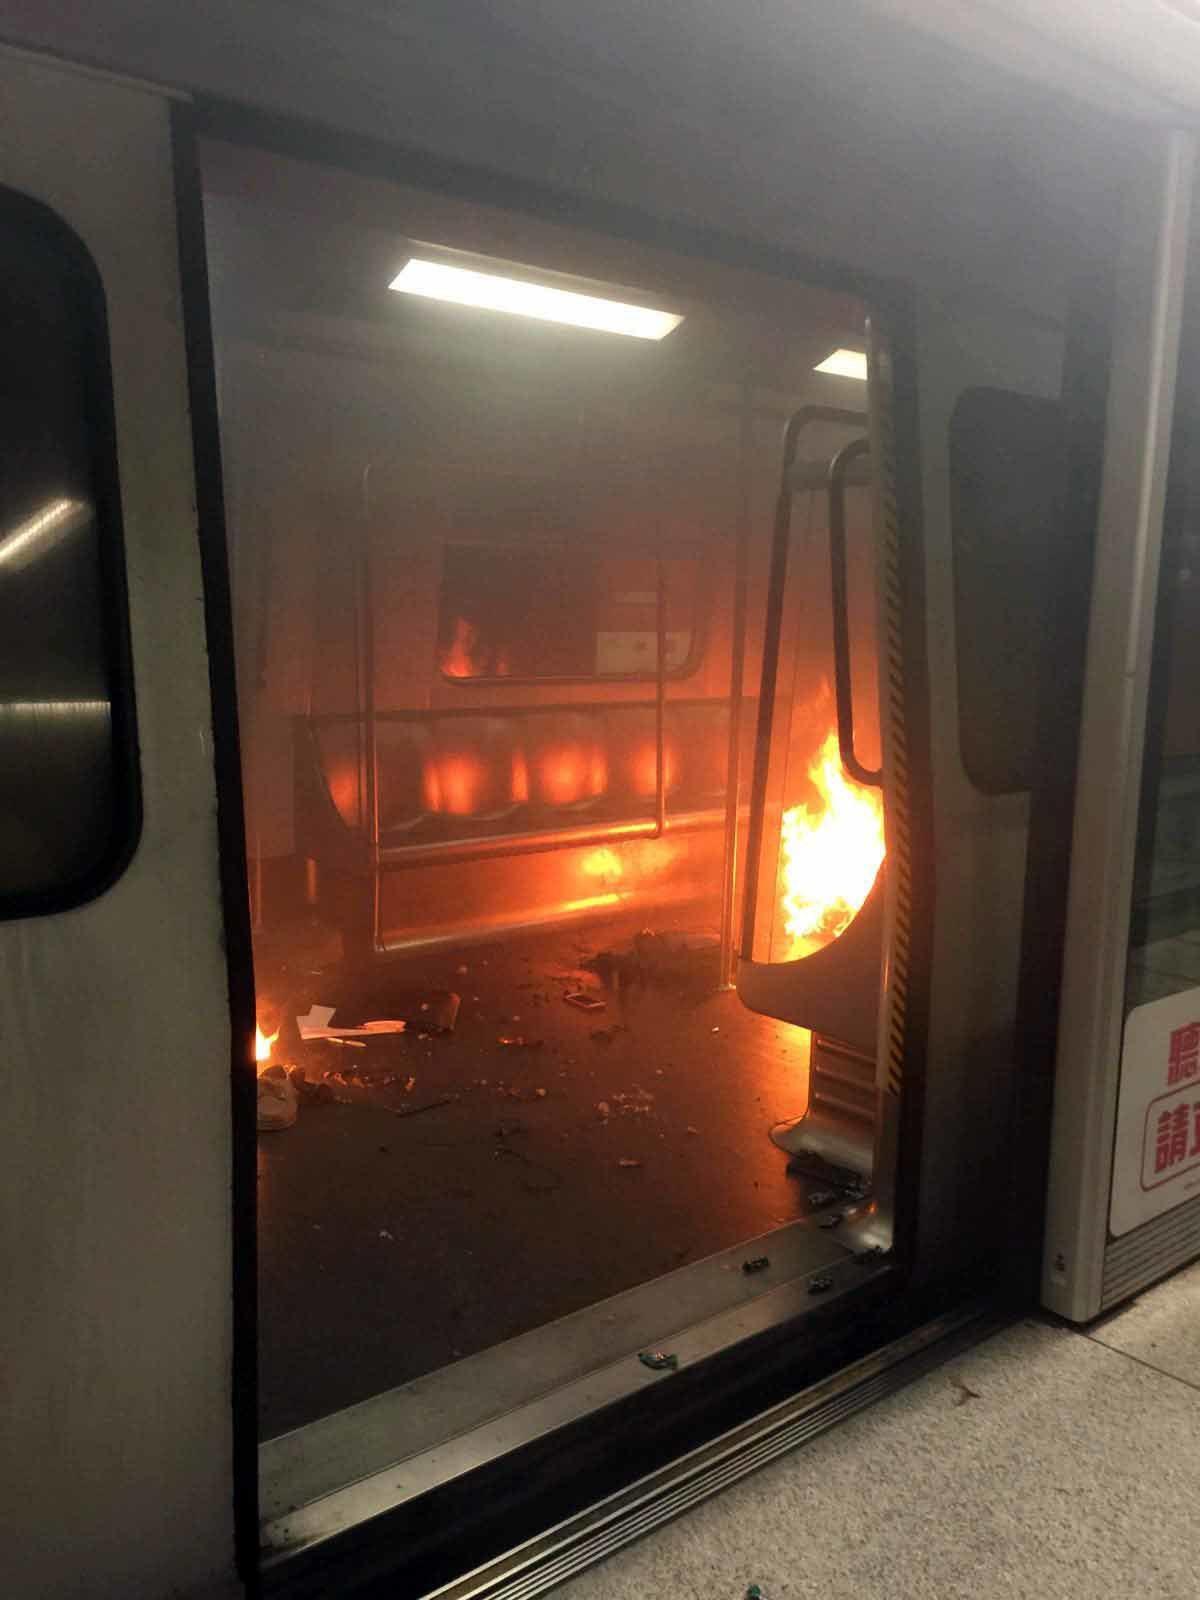 香港鐵路尖沙咀站10日晚間遭縱火,造成19人輕重傷。 中新社